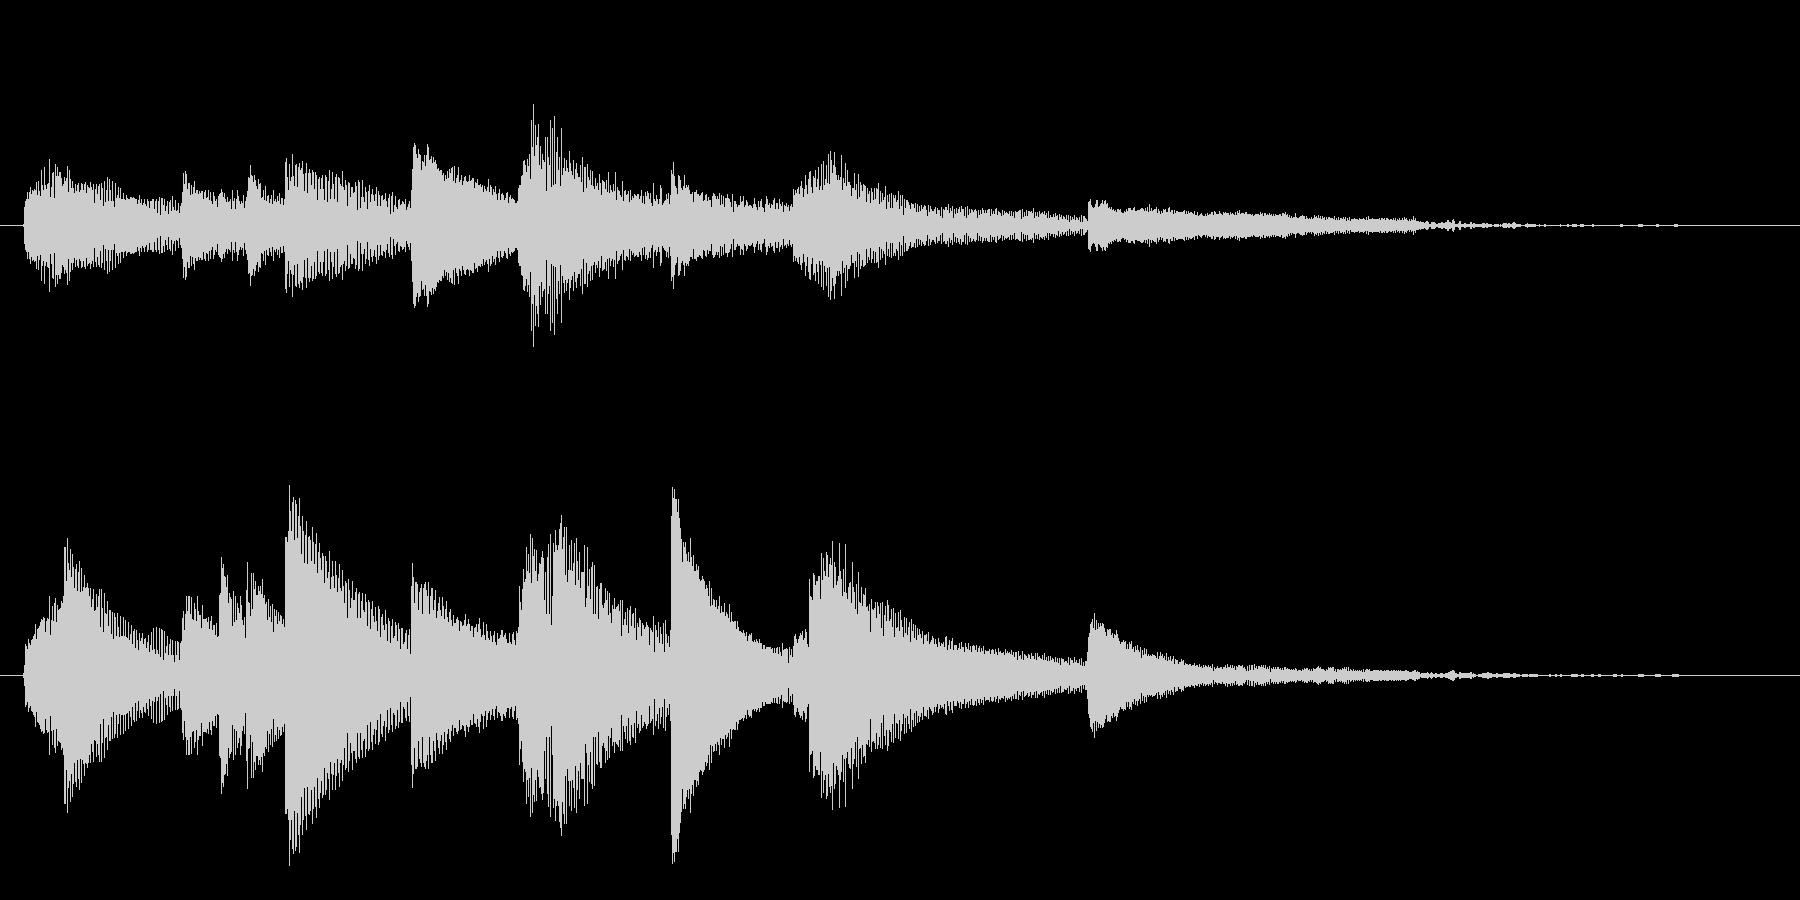 和風ピアノサウンドロゴ_ジングル5秒の未再生の波形